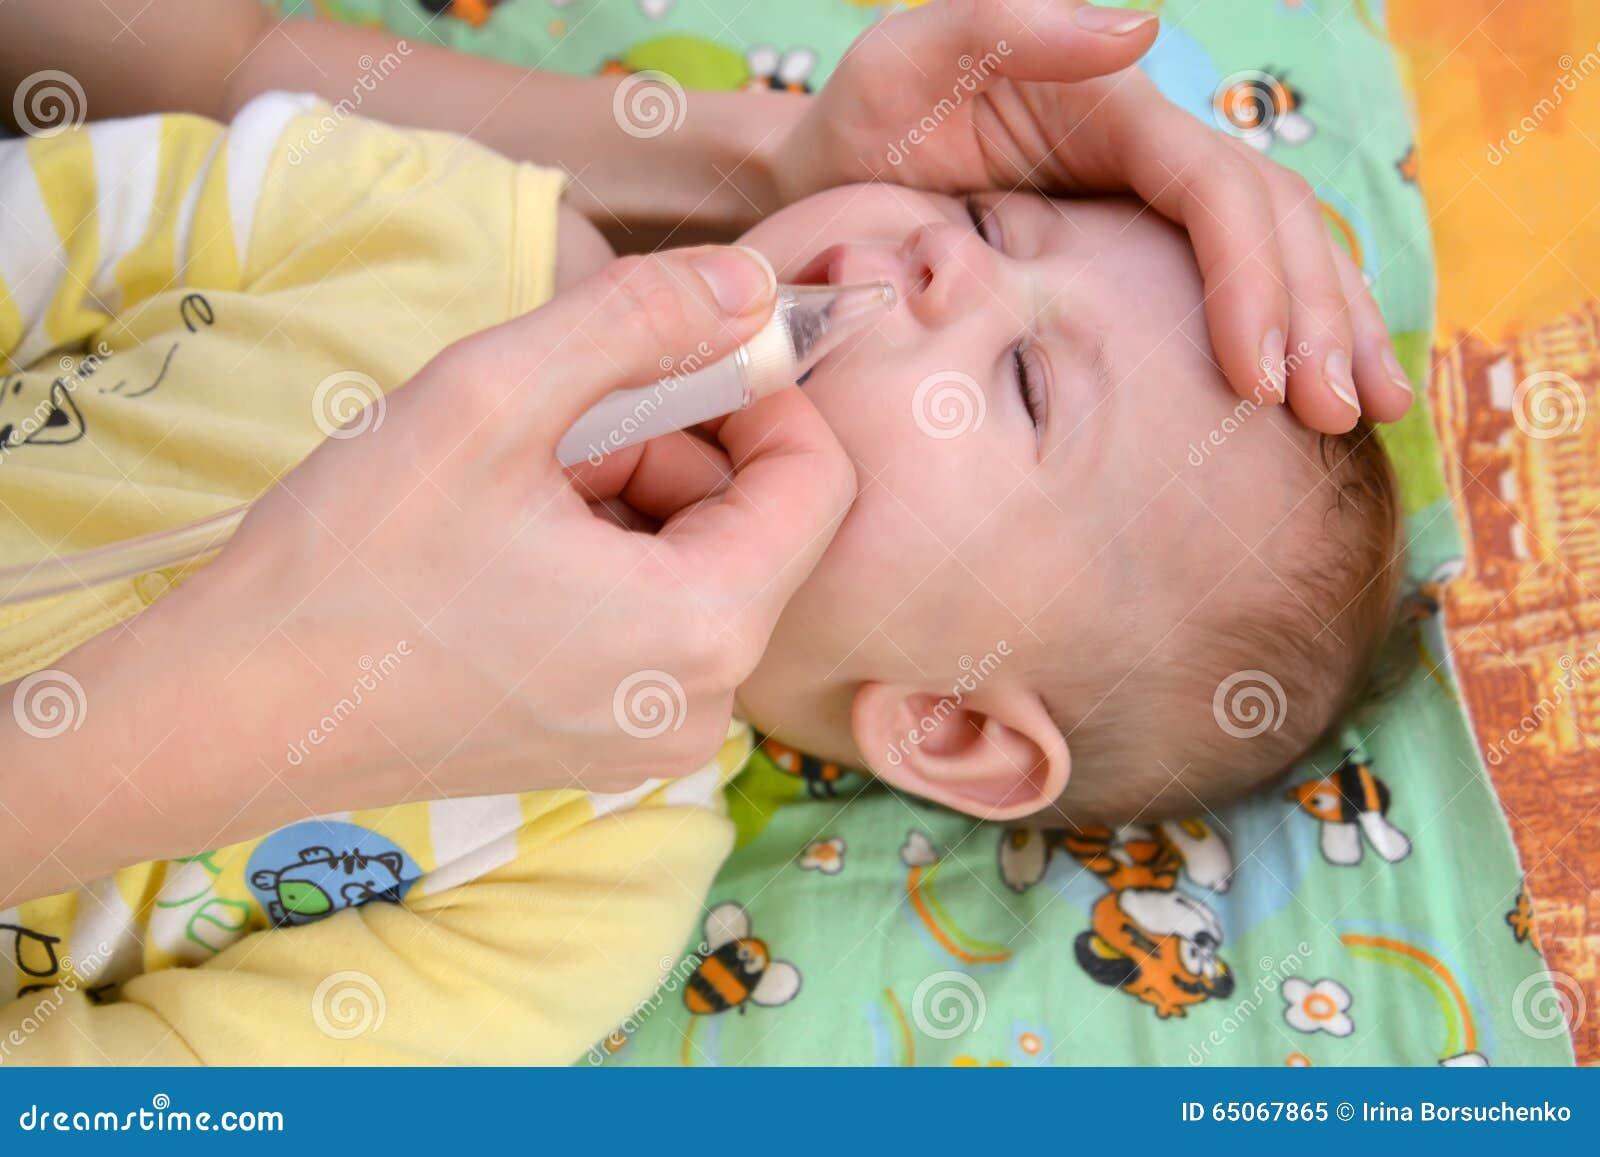 De vrouw schrapt slijm van een neus aan de zieke schreeuwende baby met een neusaspirator